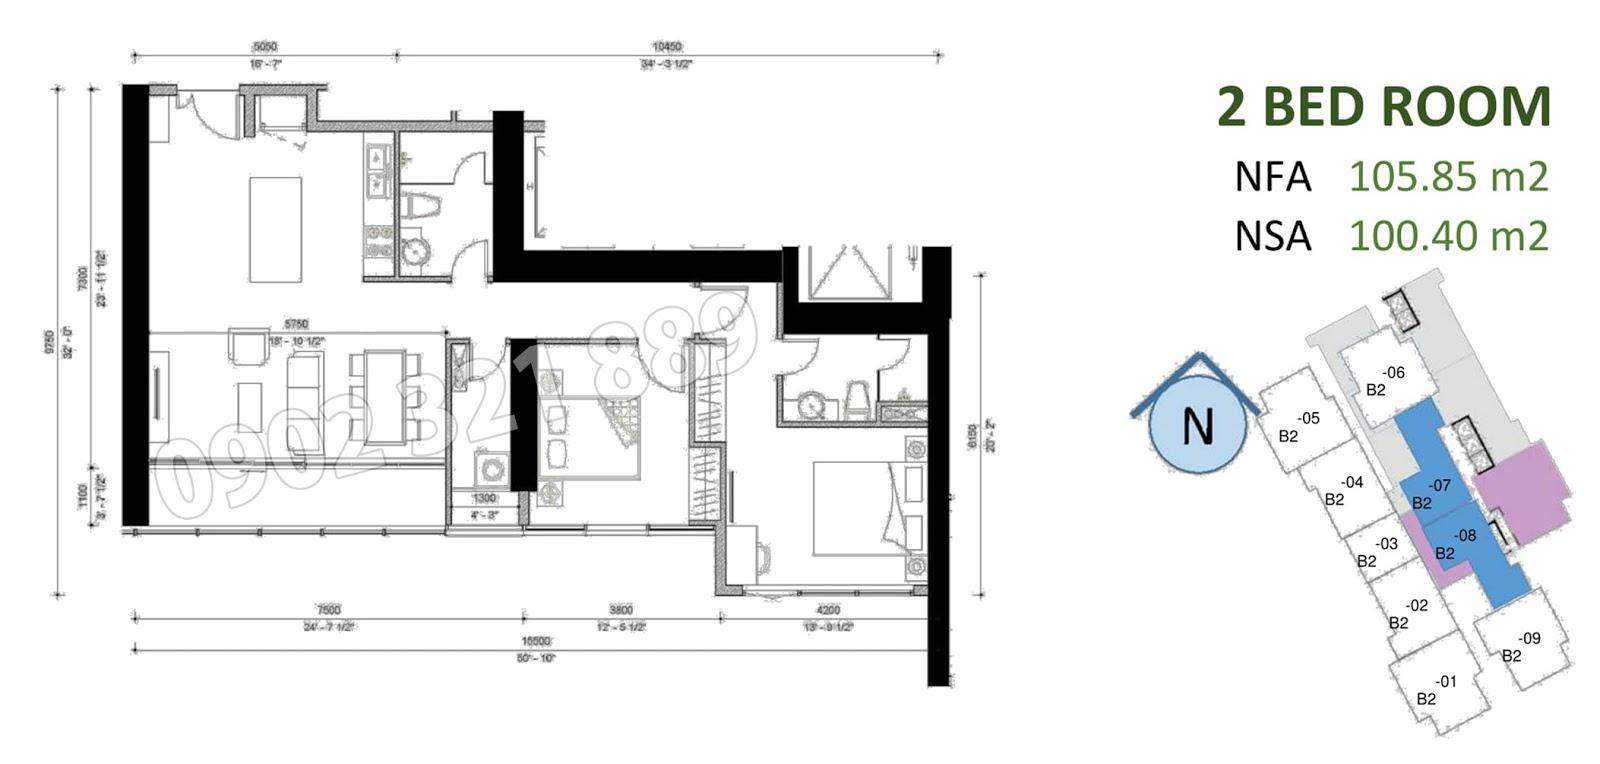 mặt bằng căn hộ sunwah pearl 2 phòng ngủ B2-07 và B2-08